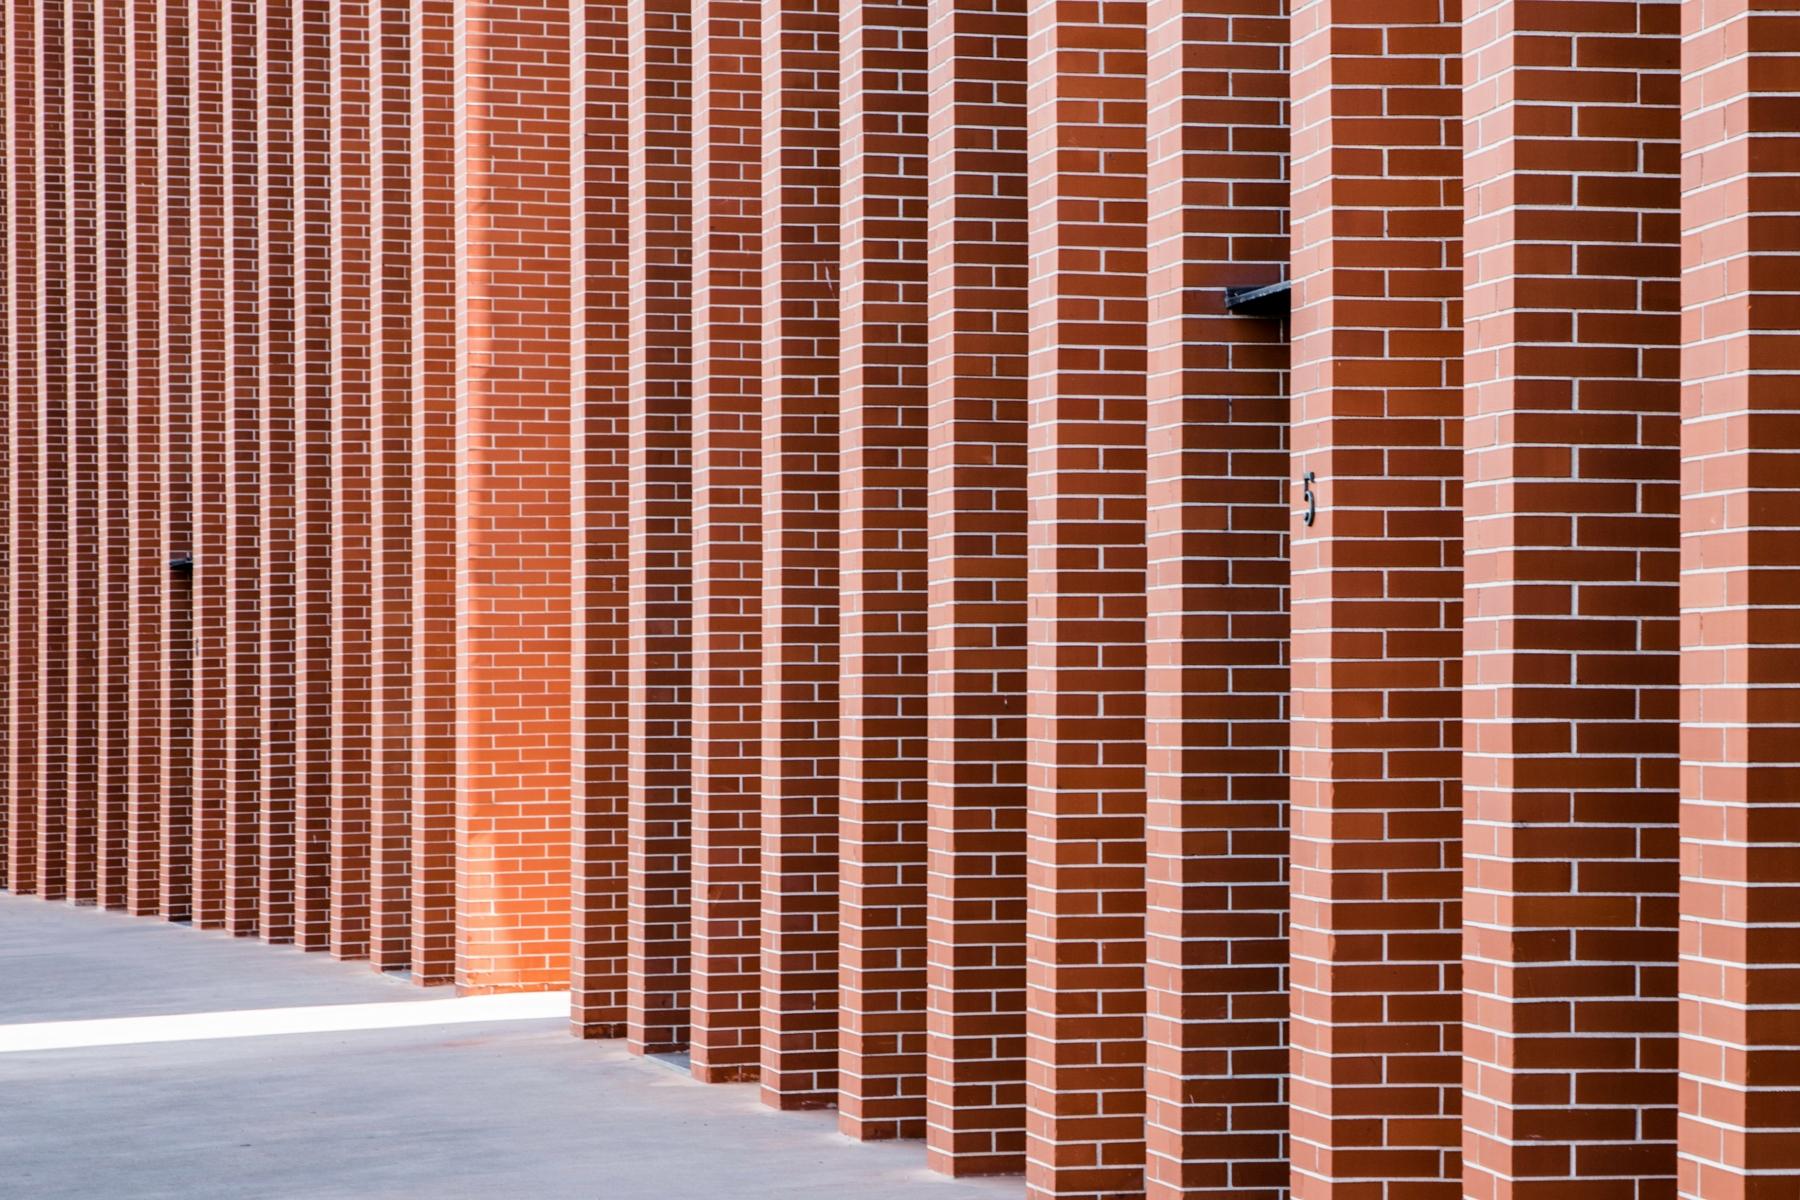 Edificio Cooper 2000 – Massimo Carmassi